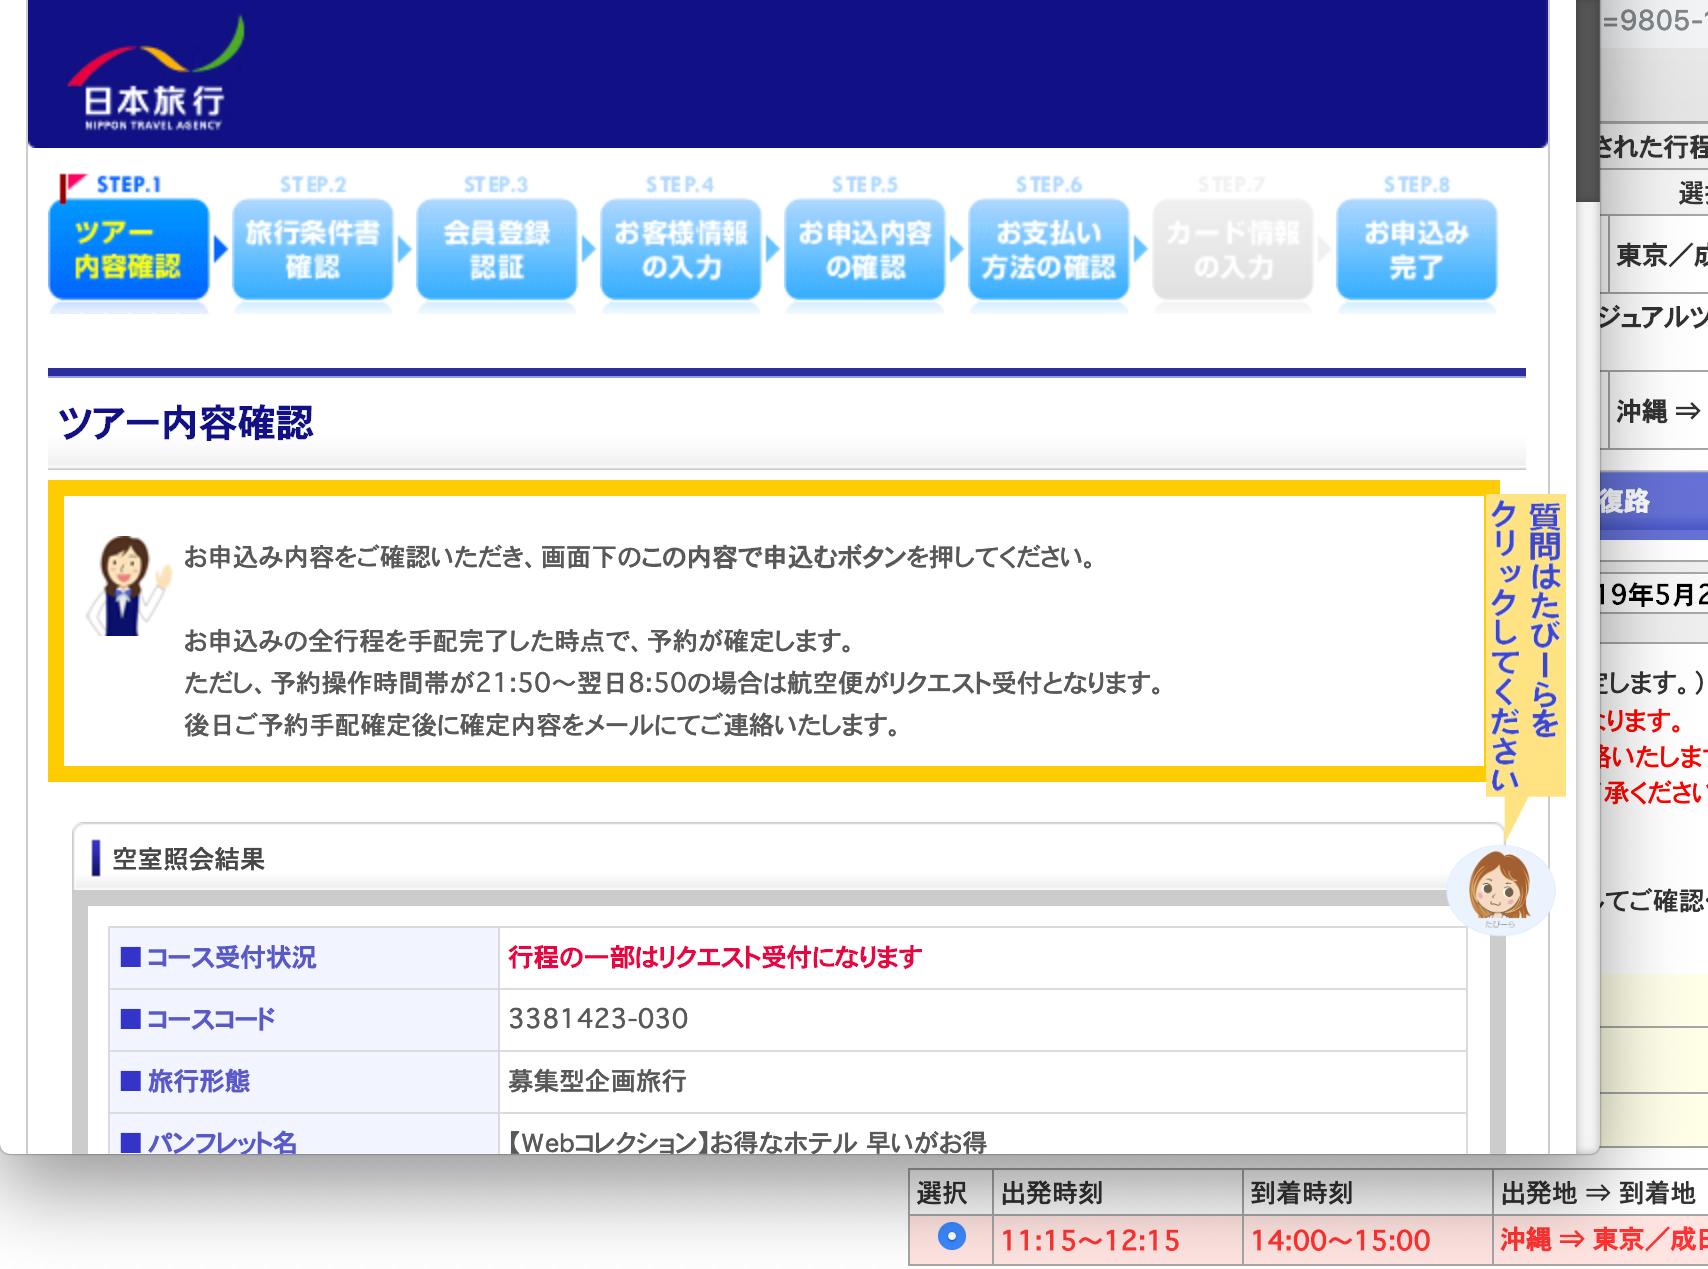 日本旅行のポップアップ画面